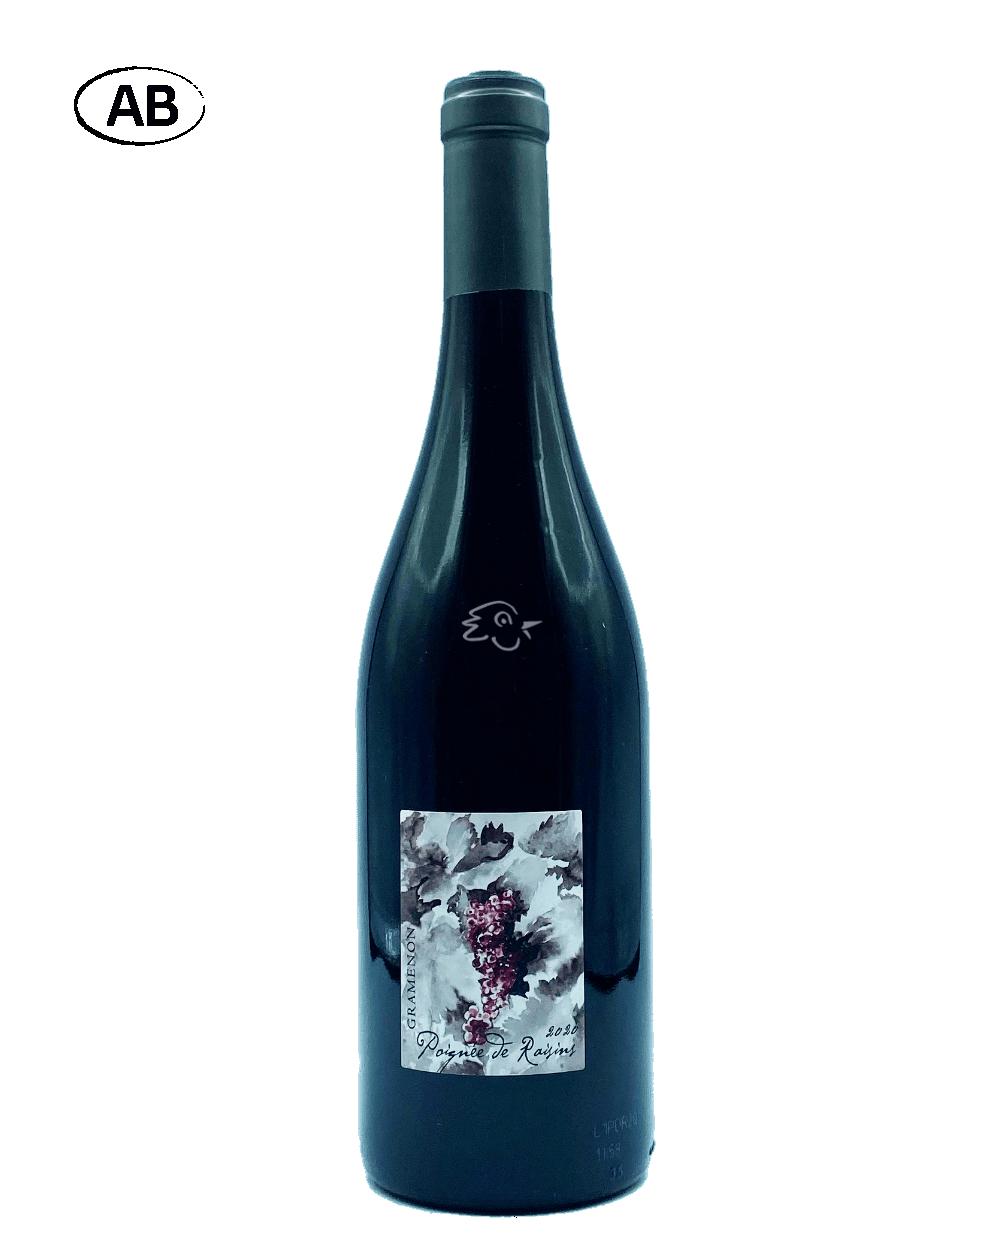 Domaine de Gramenon - Les Vins de Maxime - Poignée de Raisin 2020 - Avintures